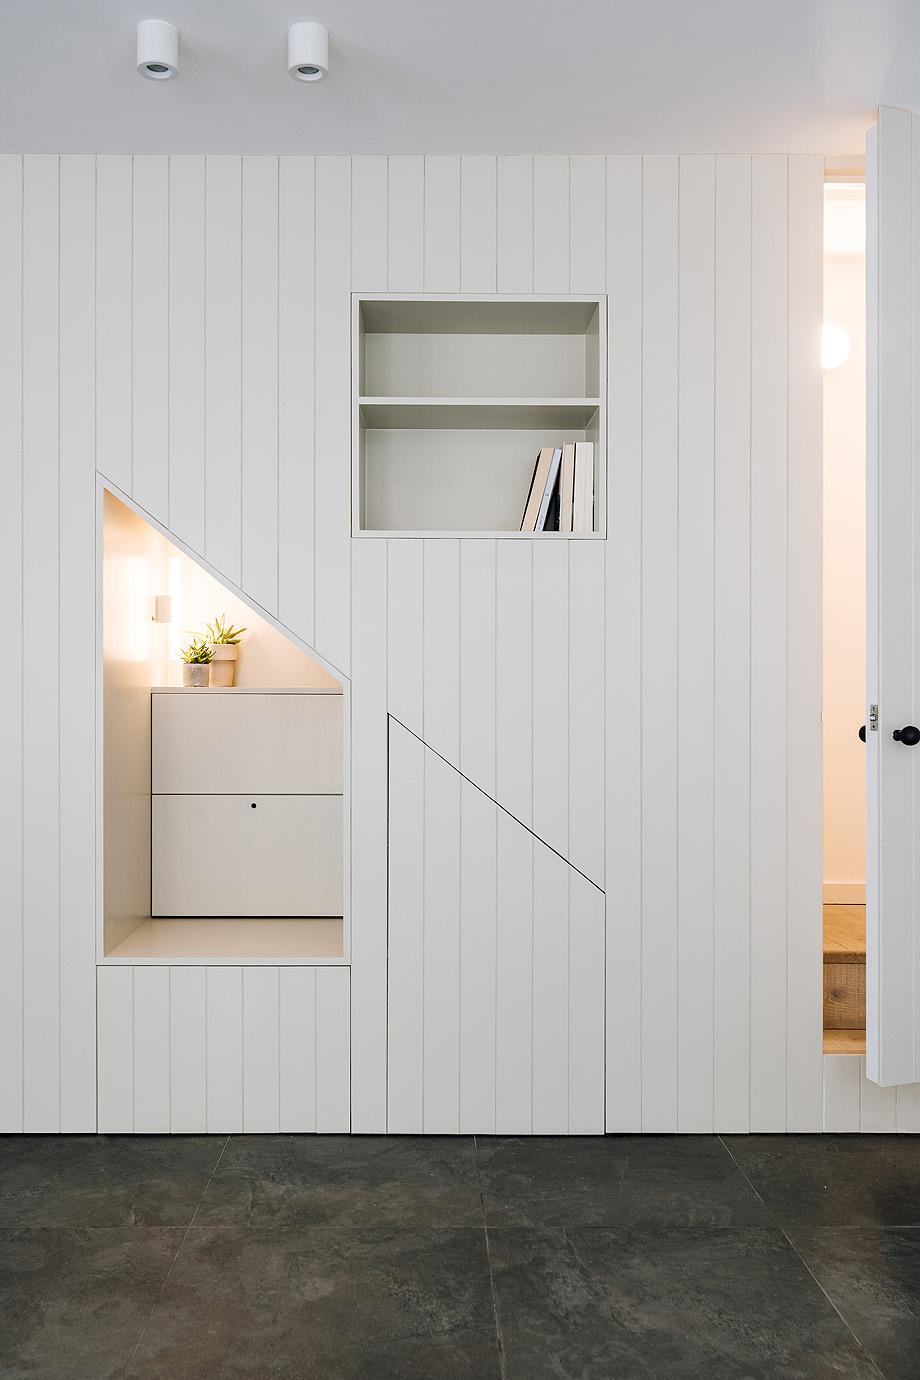 vivienda en candem de df_dc - foto gautier houba (9)